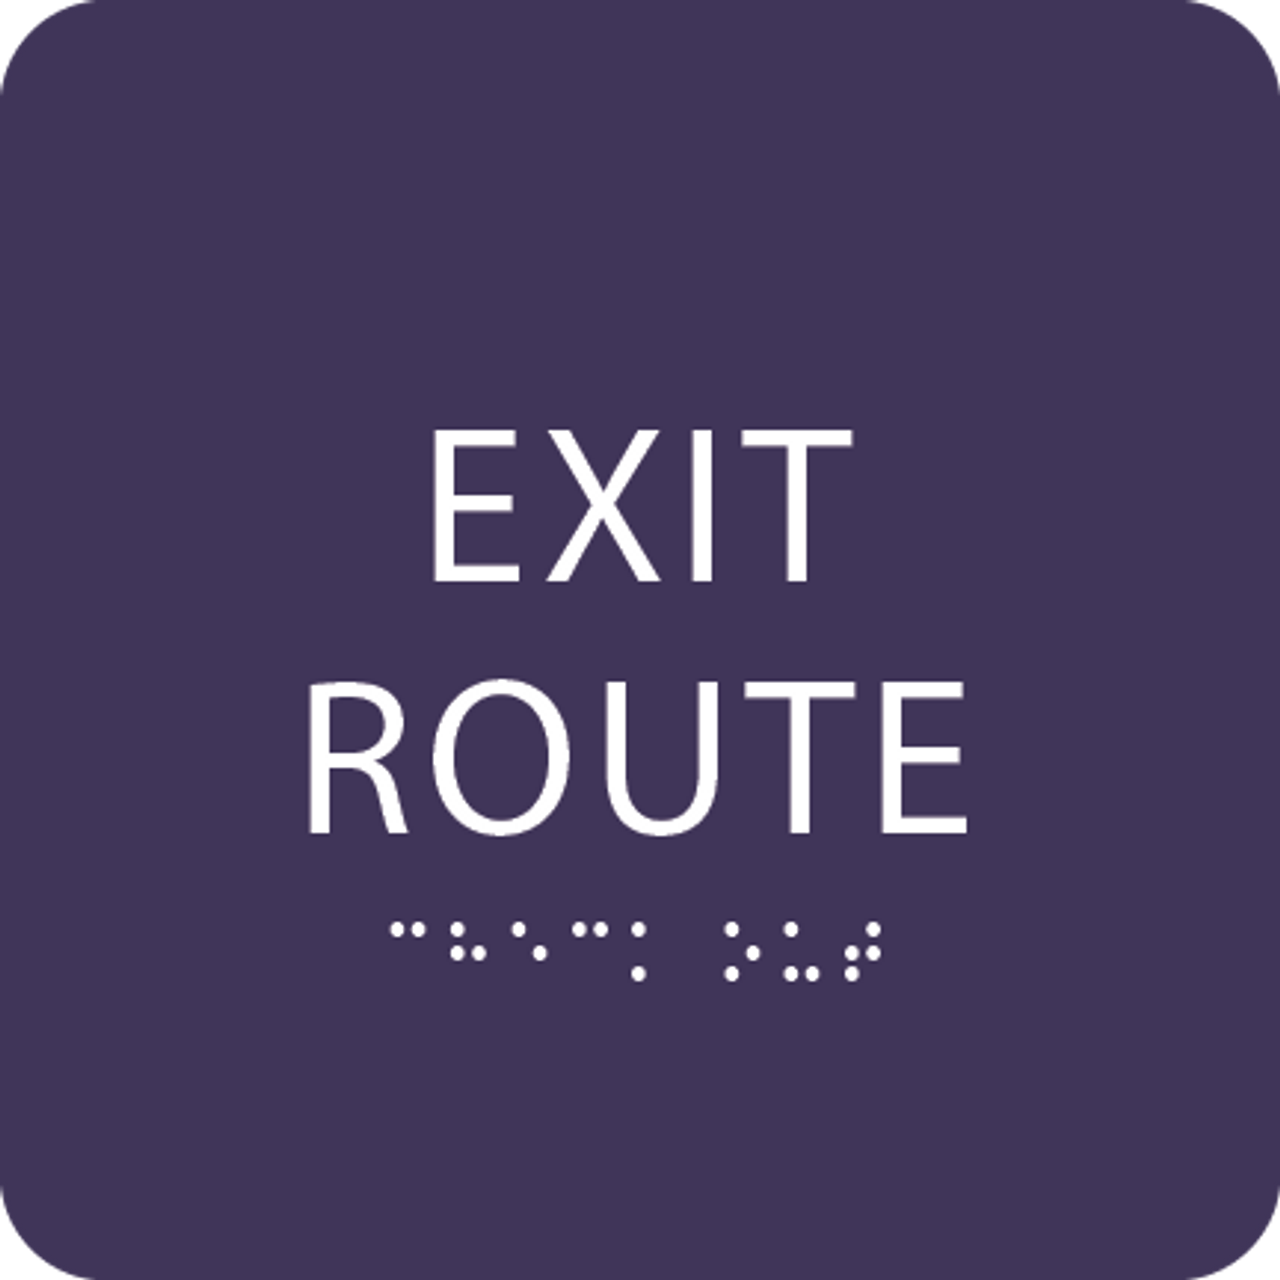 Purple Tactile Exit Route Sign